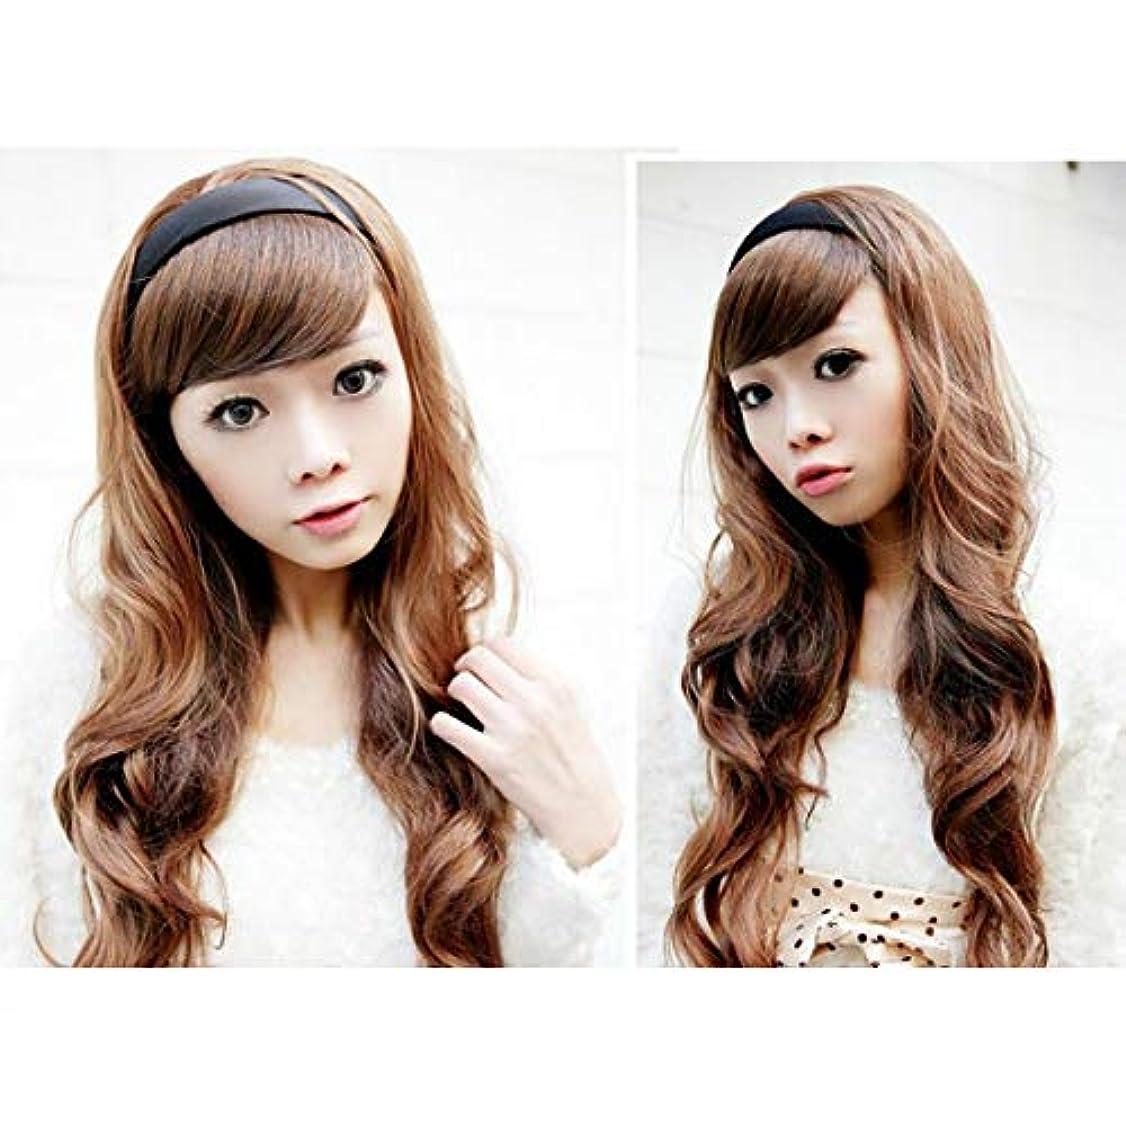 チョークマージンYZUEYT 女性の毛のウィッグは、黒いフープのヘッドブランドと長い波状 YZUEYT (Color : Color Dark Brown, Size : One size)